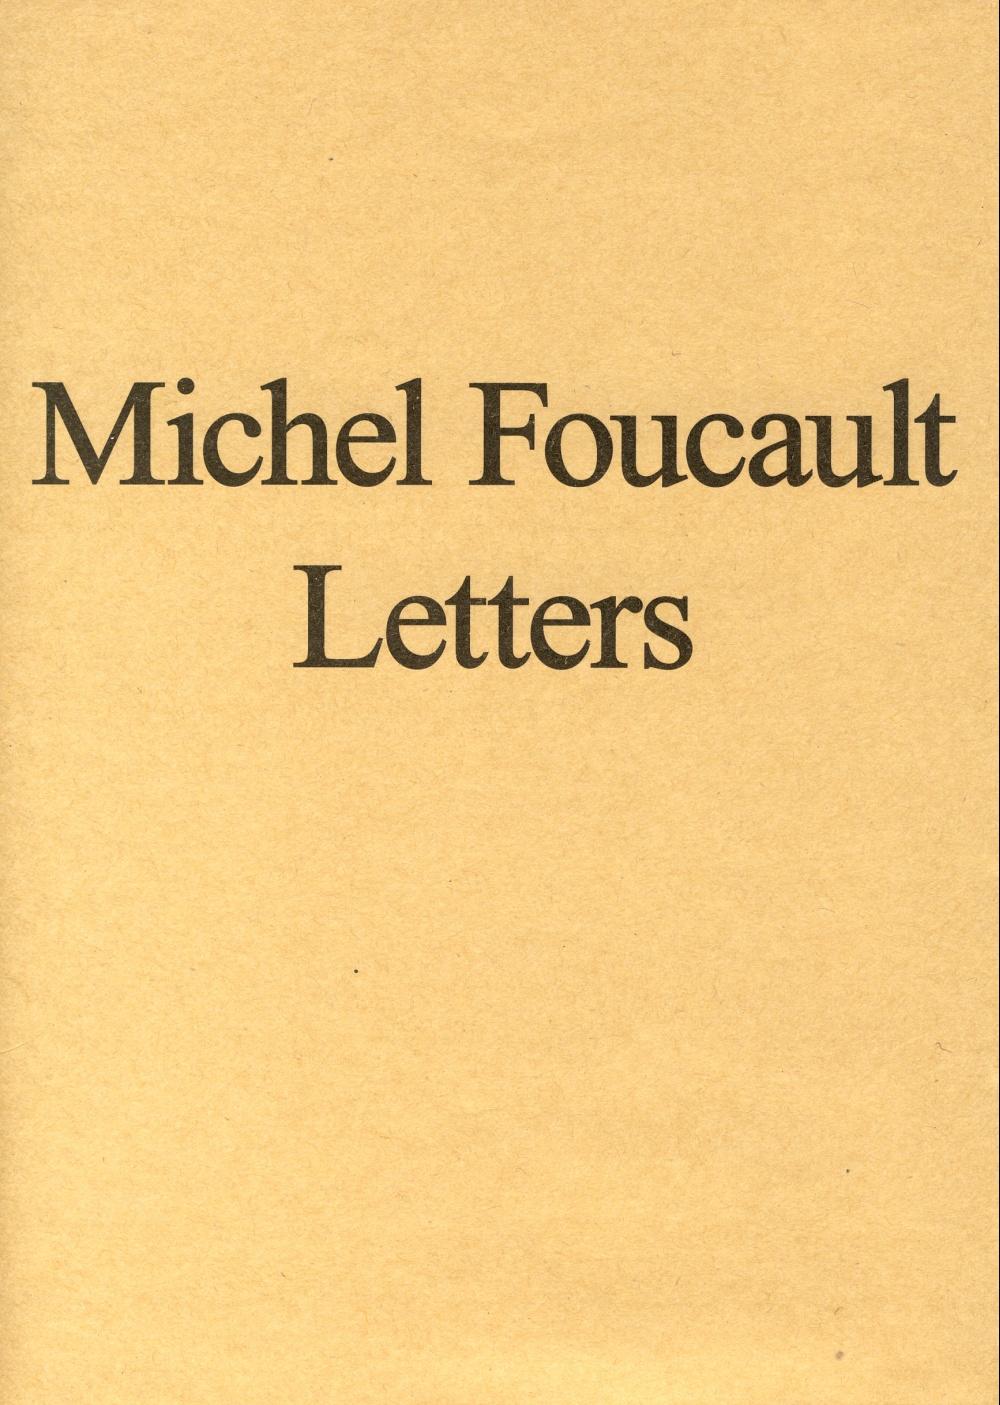 Michel Foucault Letters